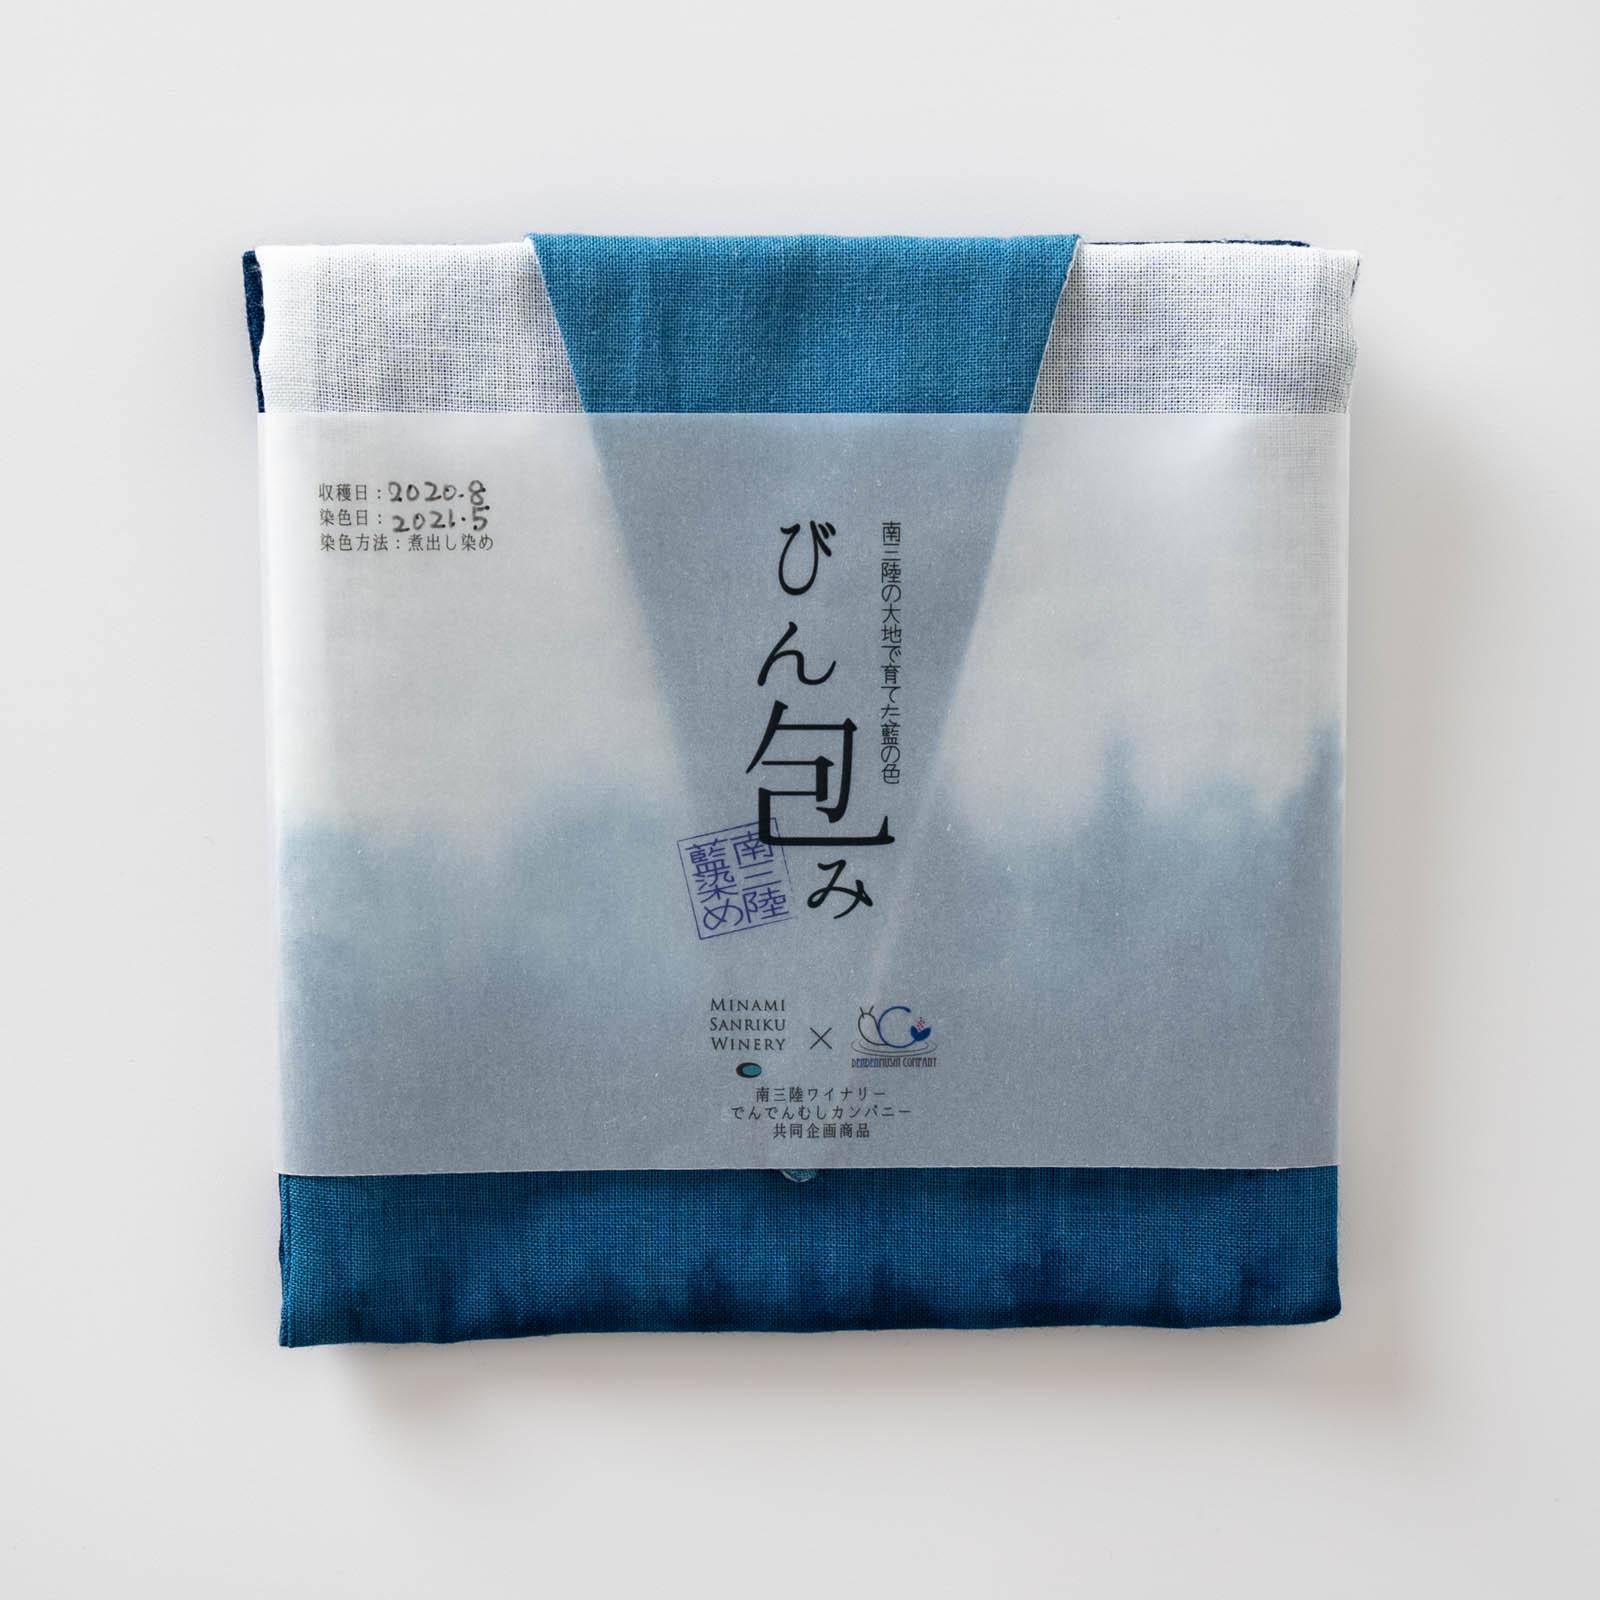 びん包み(藍白)